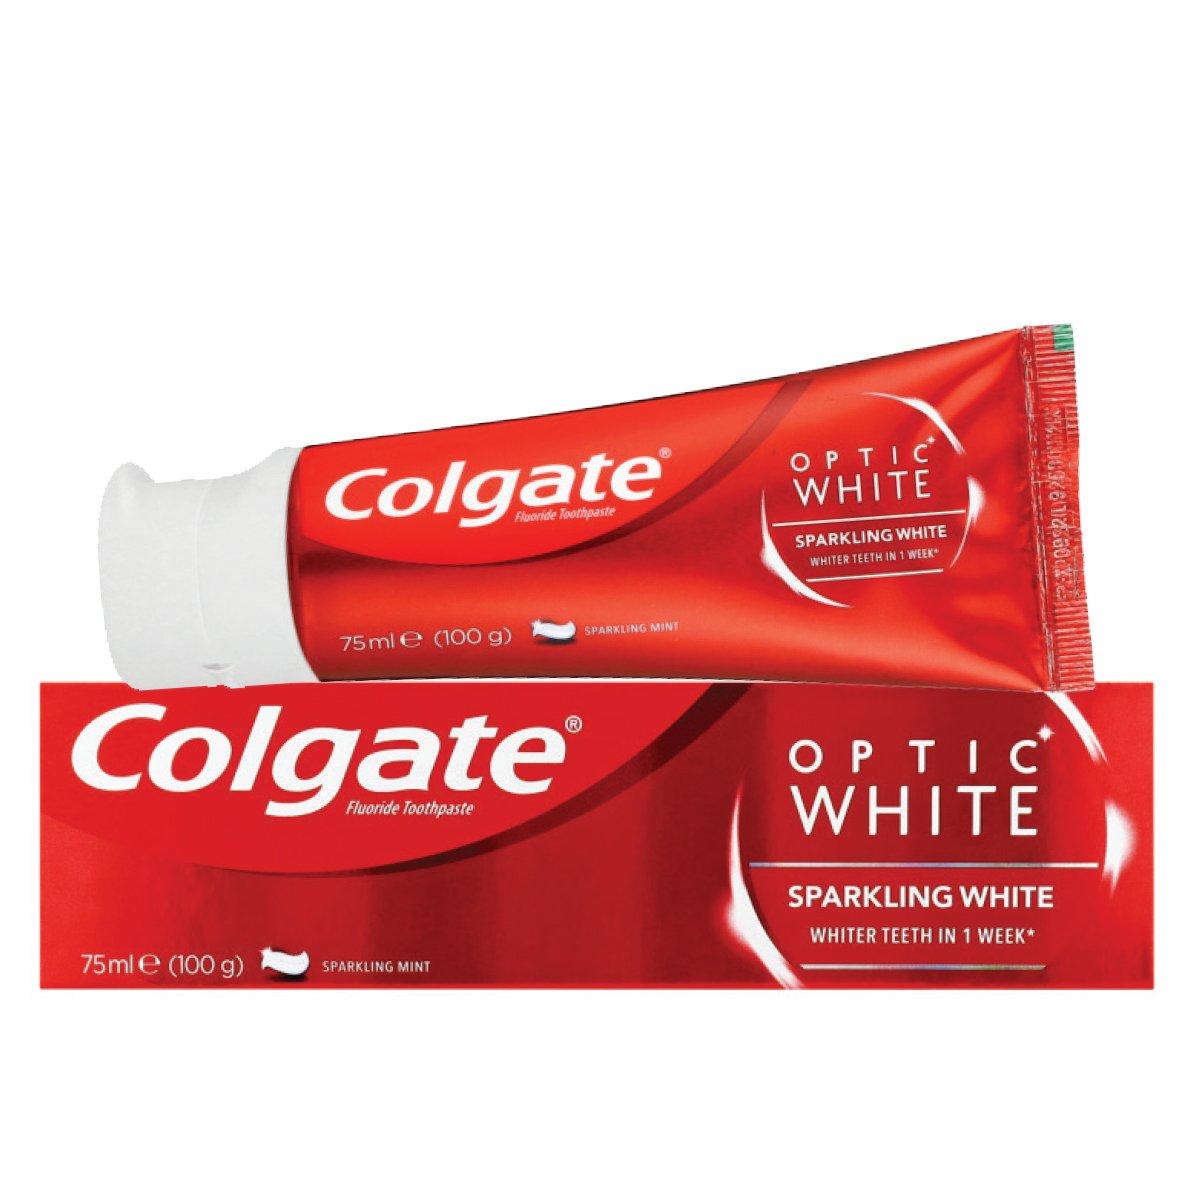 خمیر دندان سفید کننده کولگیت Colgate مدل Optic White - خمیر دندان سفید کننده کولگیت Colgate مدل Optic White